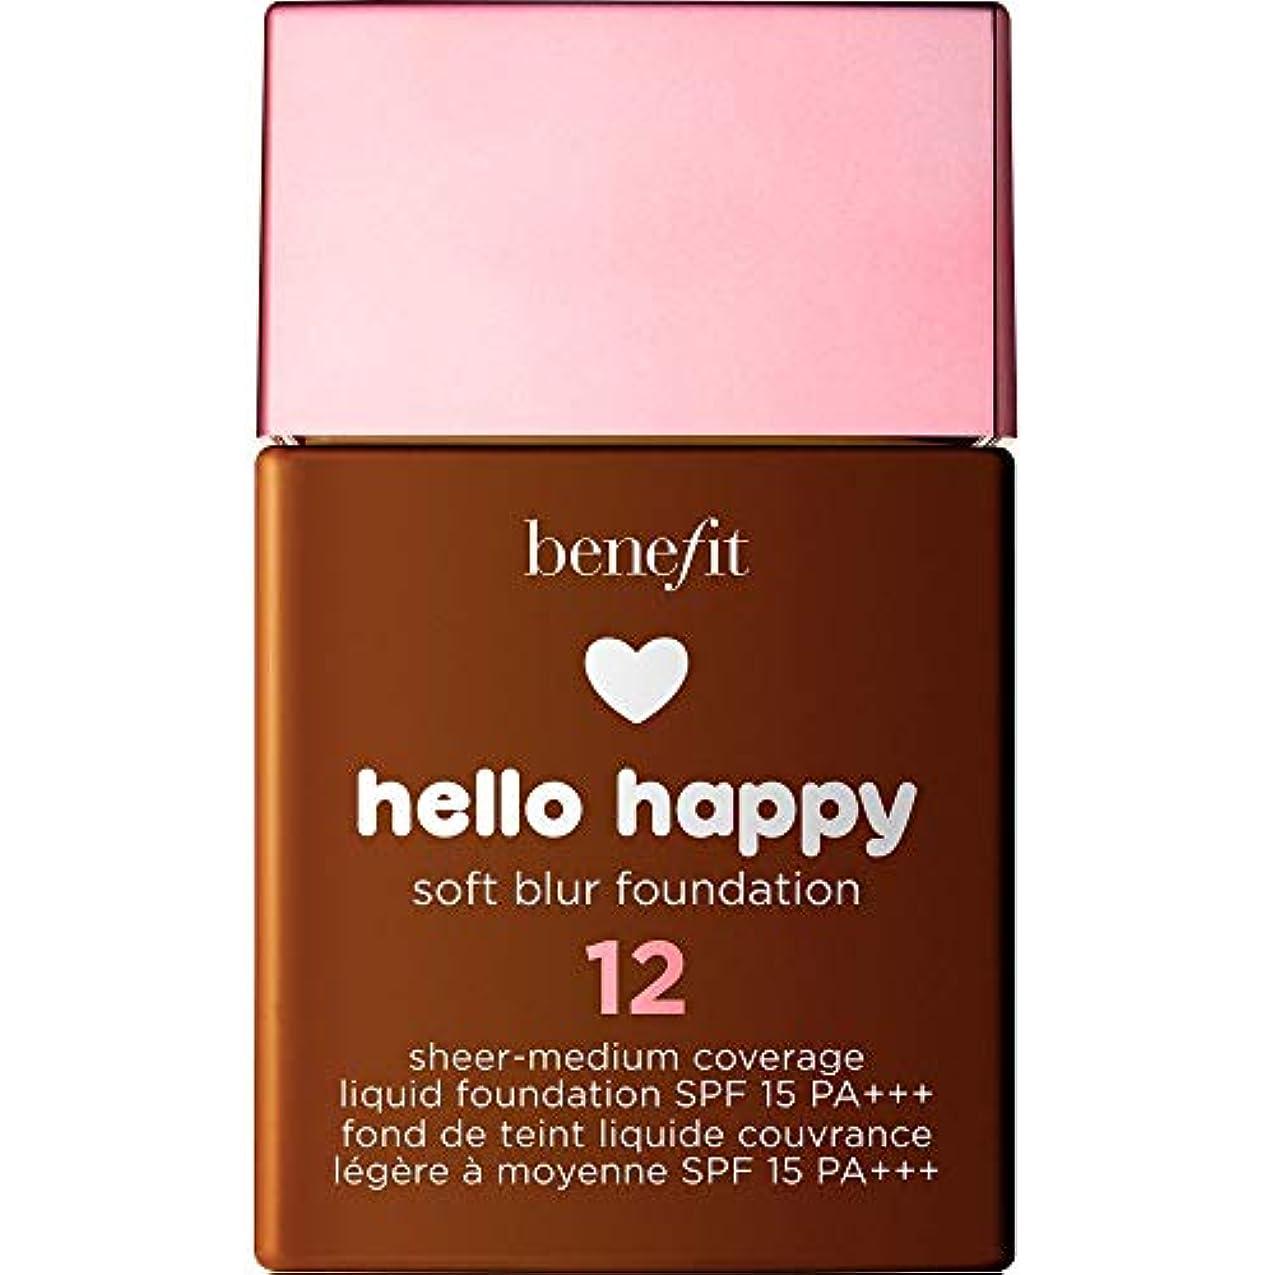 架空の立法頬[Benefit ] 利益こんにちは幸せなソフトブラー基礎Spf15 30ミリリットル12 - ダーク暖かいです - Benefit Hello Happy Soft Blur Foundation SPF15 30ml...